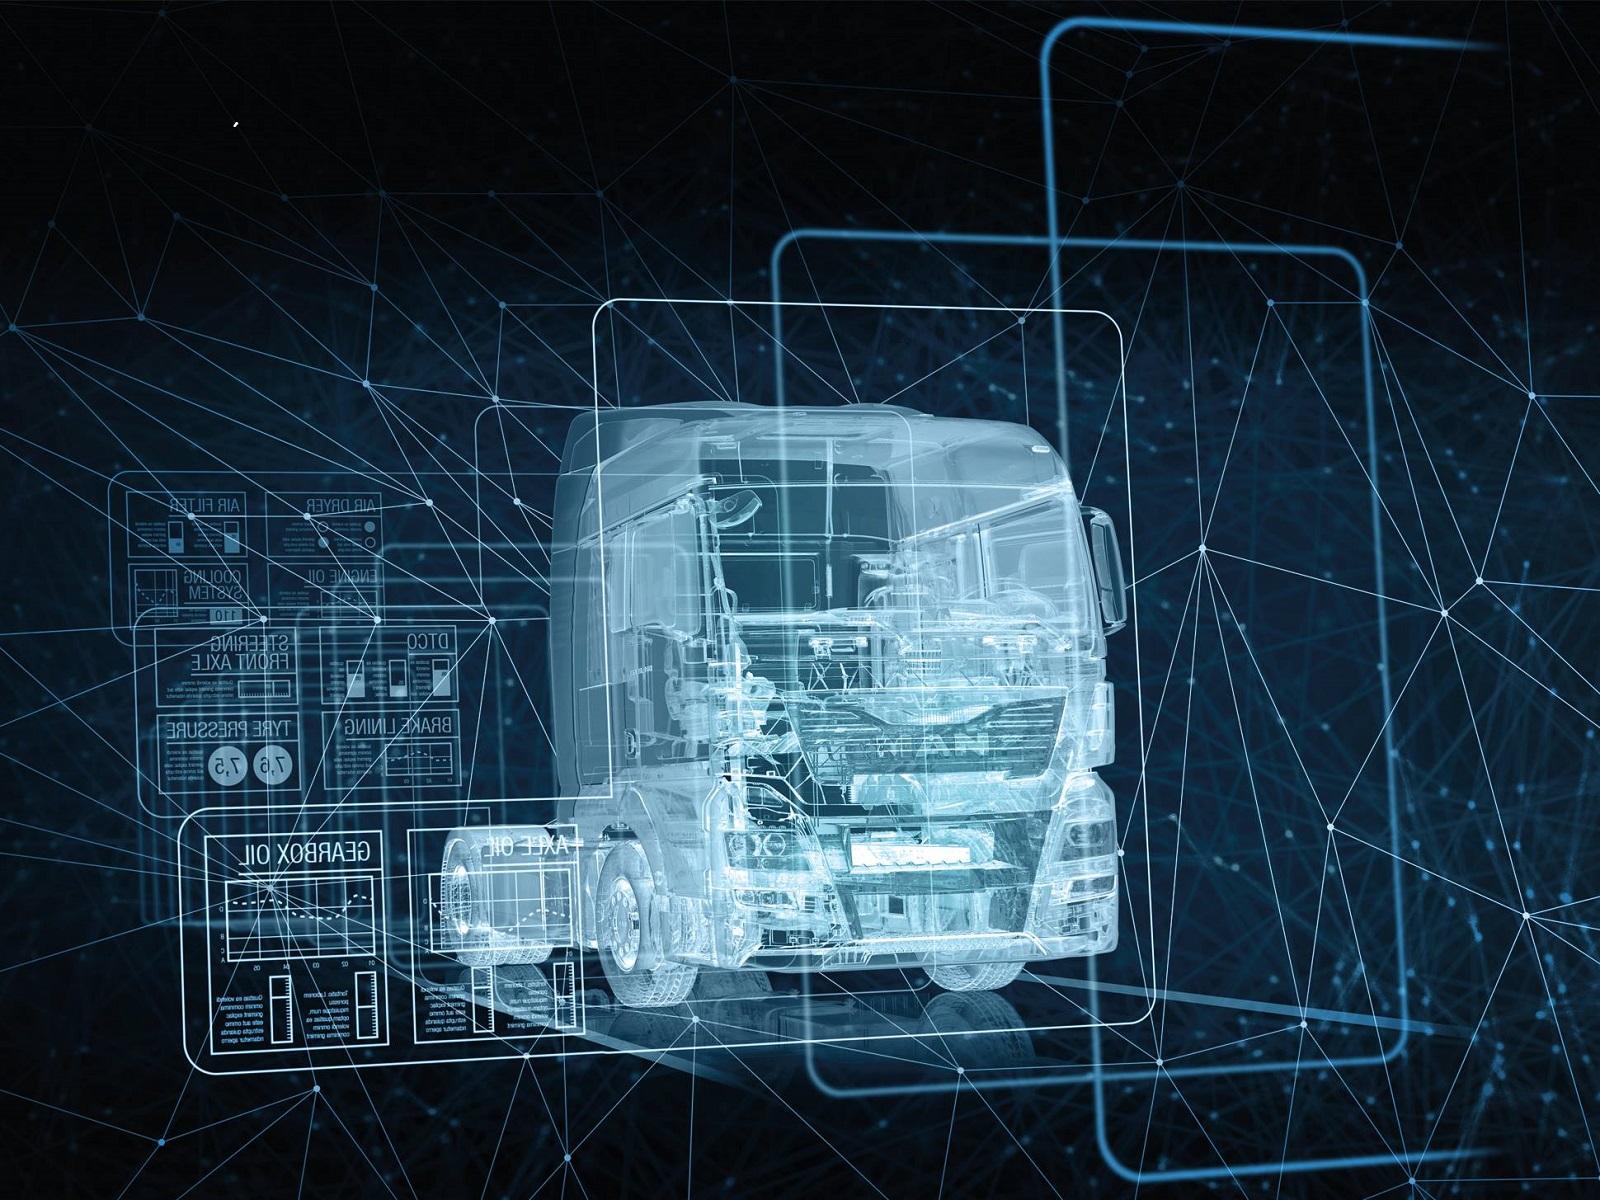 схема грузового автомобиля